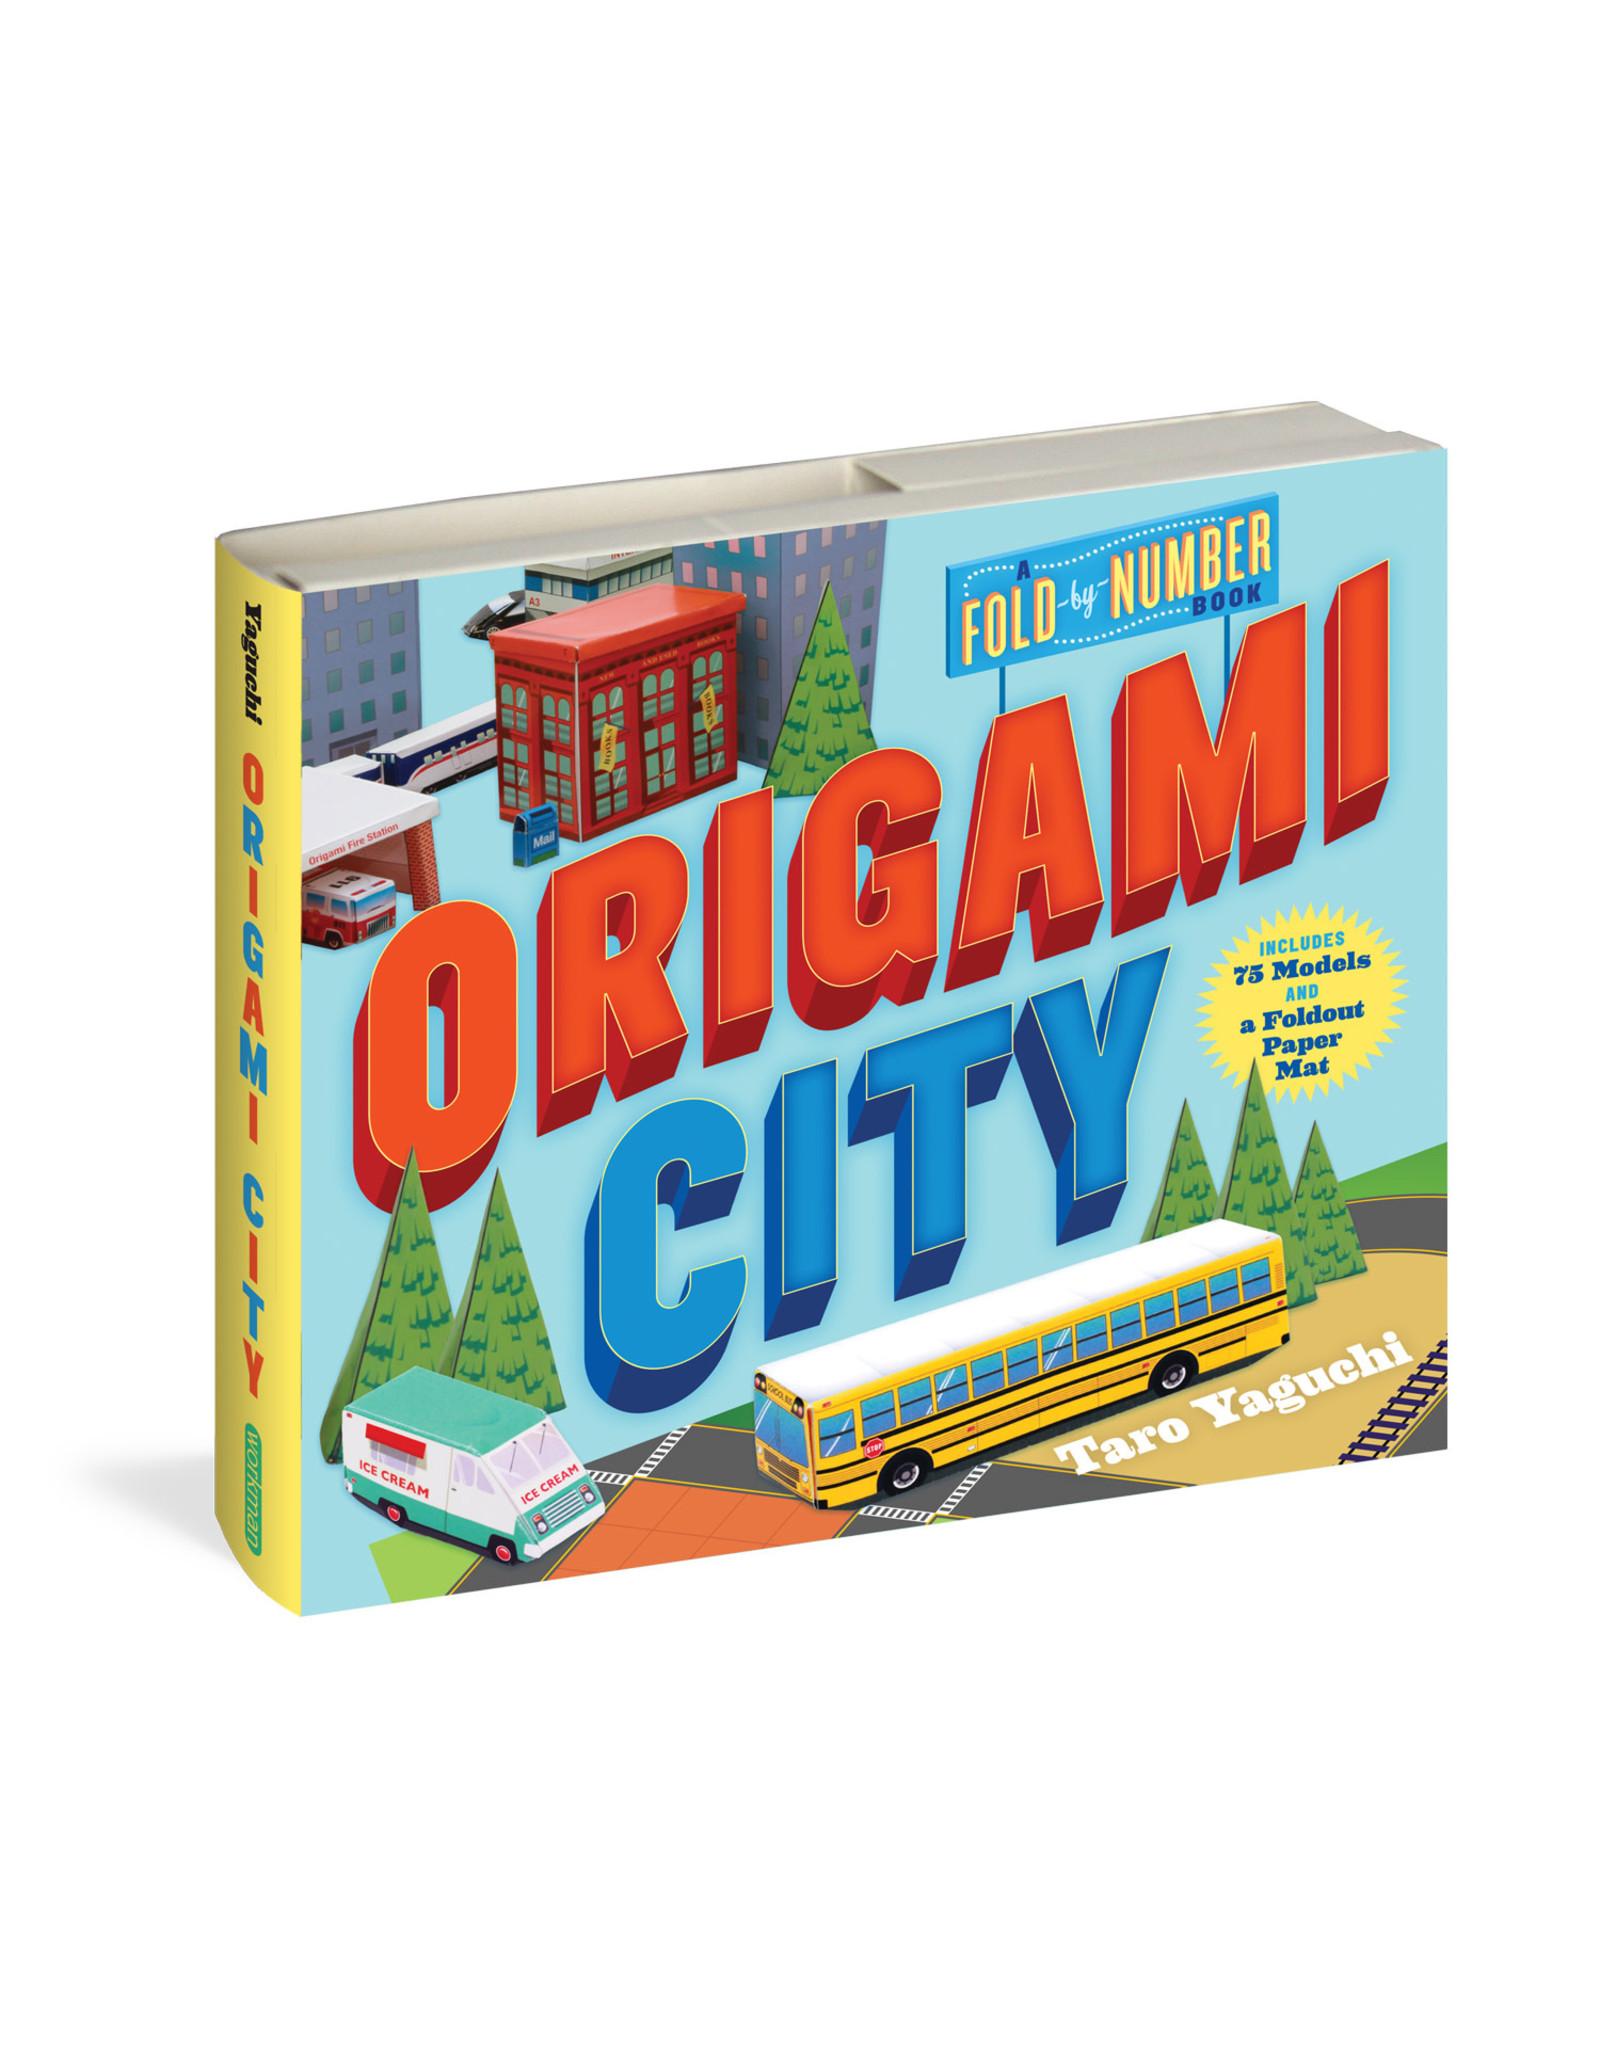 Origami City (Taro Yaguchi)